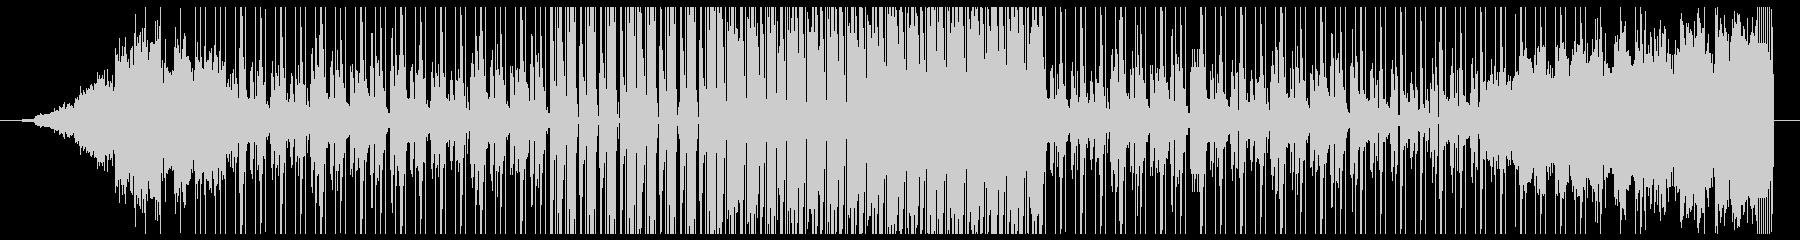 R&BのトラックをイメージしたBGMの未再生の波形